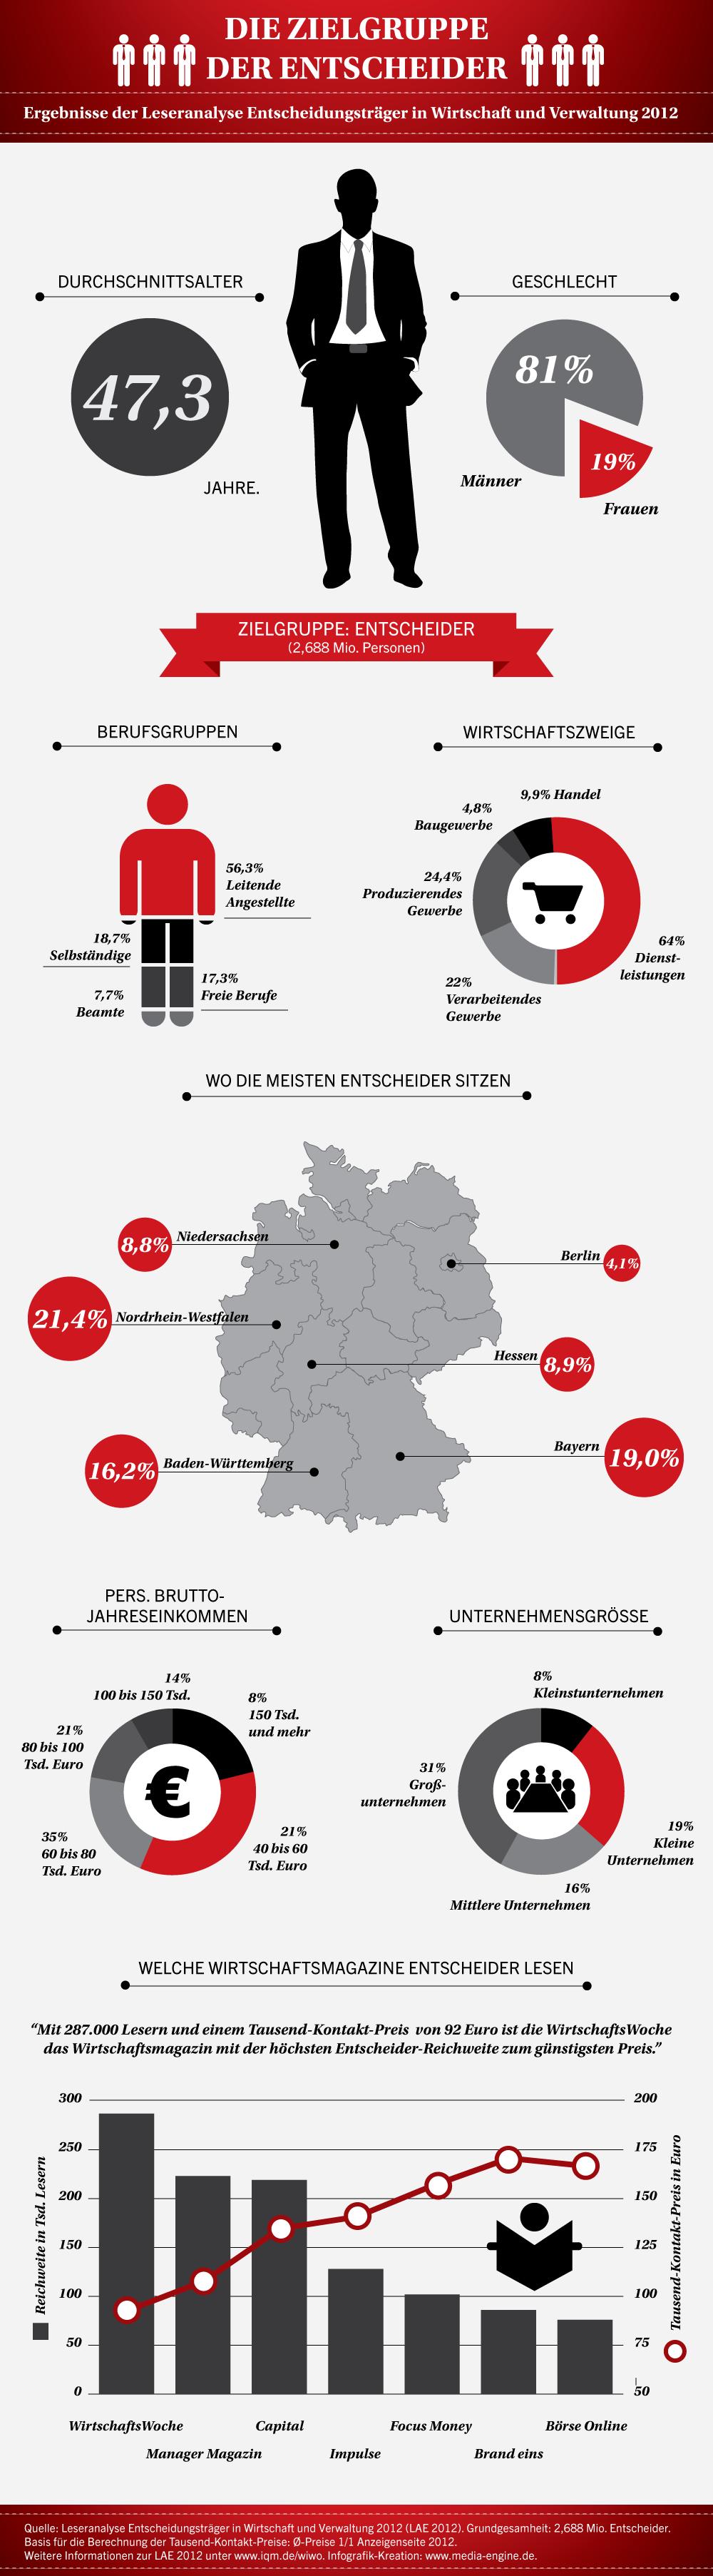 Infografik Entscheider LAE 2012